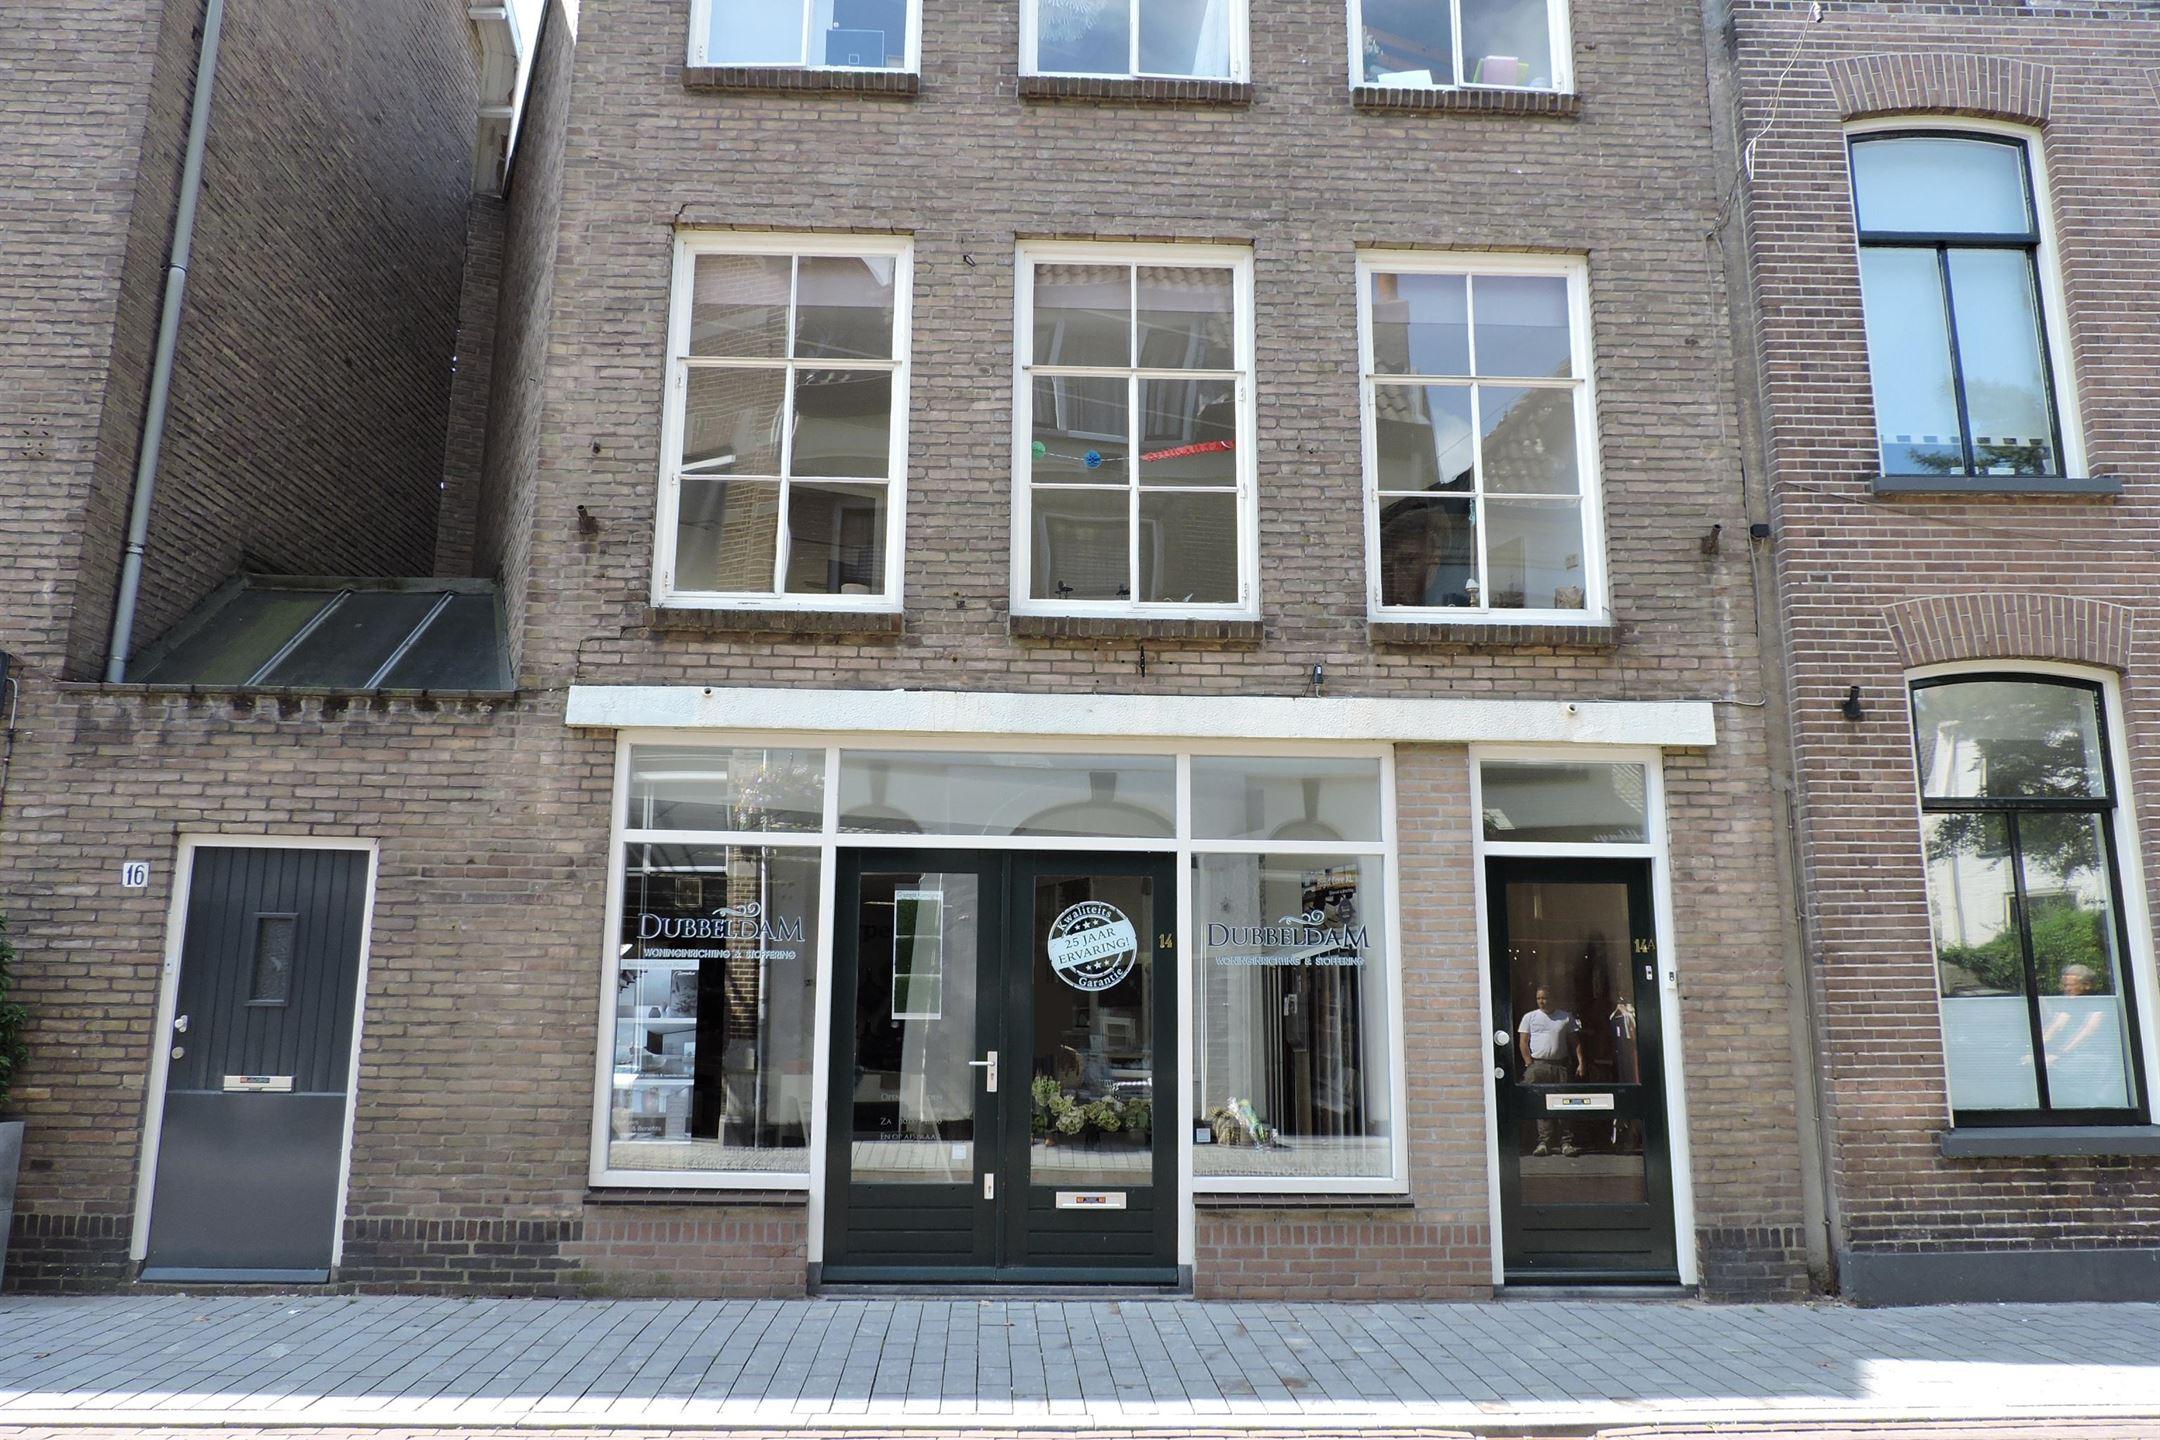 Winkel zutphen zoek winkels te huur pelikaanstraat 14 for Funda zutphen